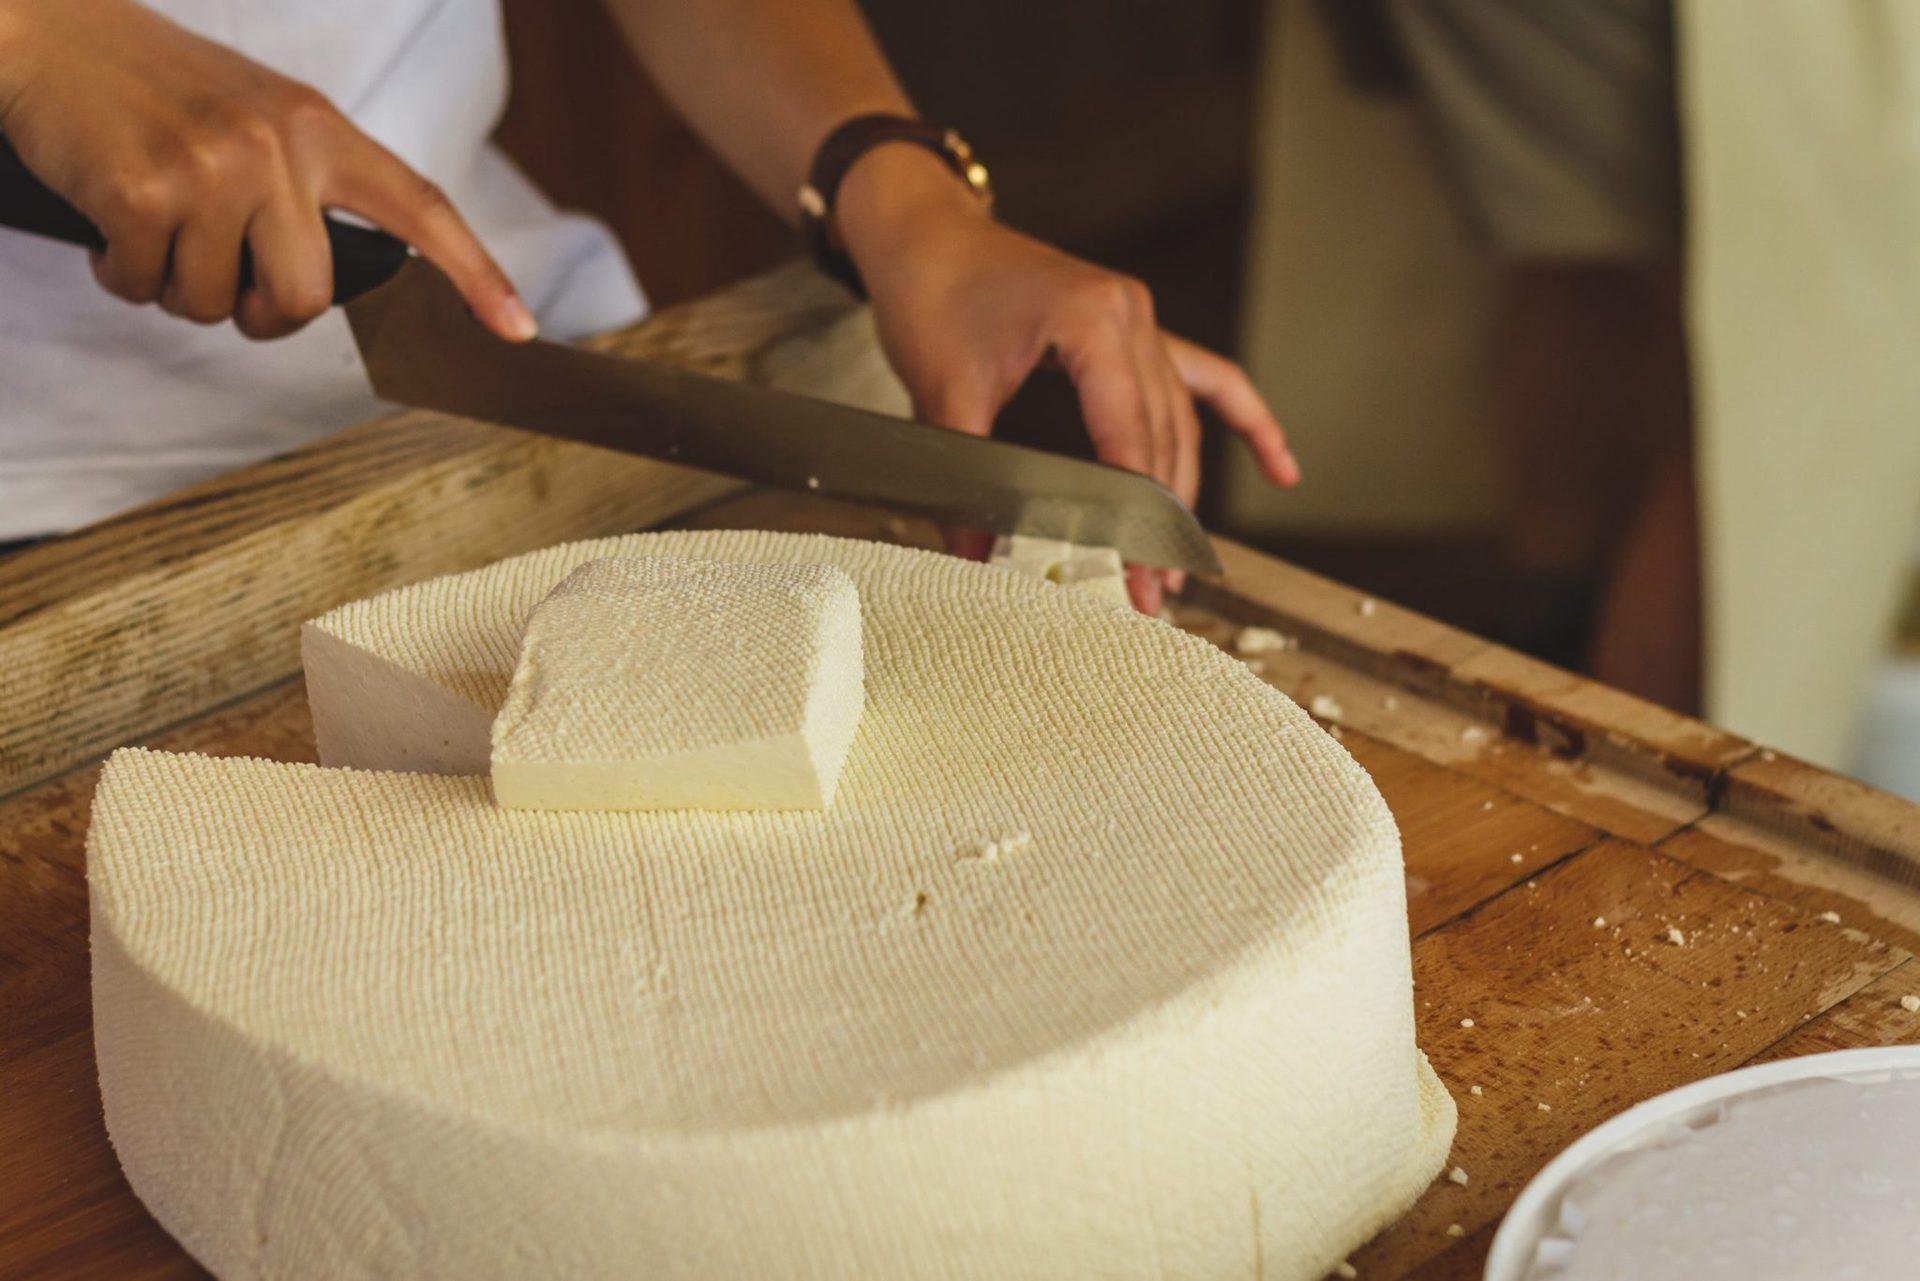 Узнаете об армянских традициях сыроделия, увидите процесс изготовления сыра